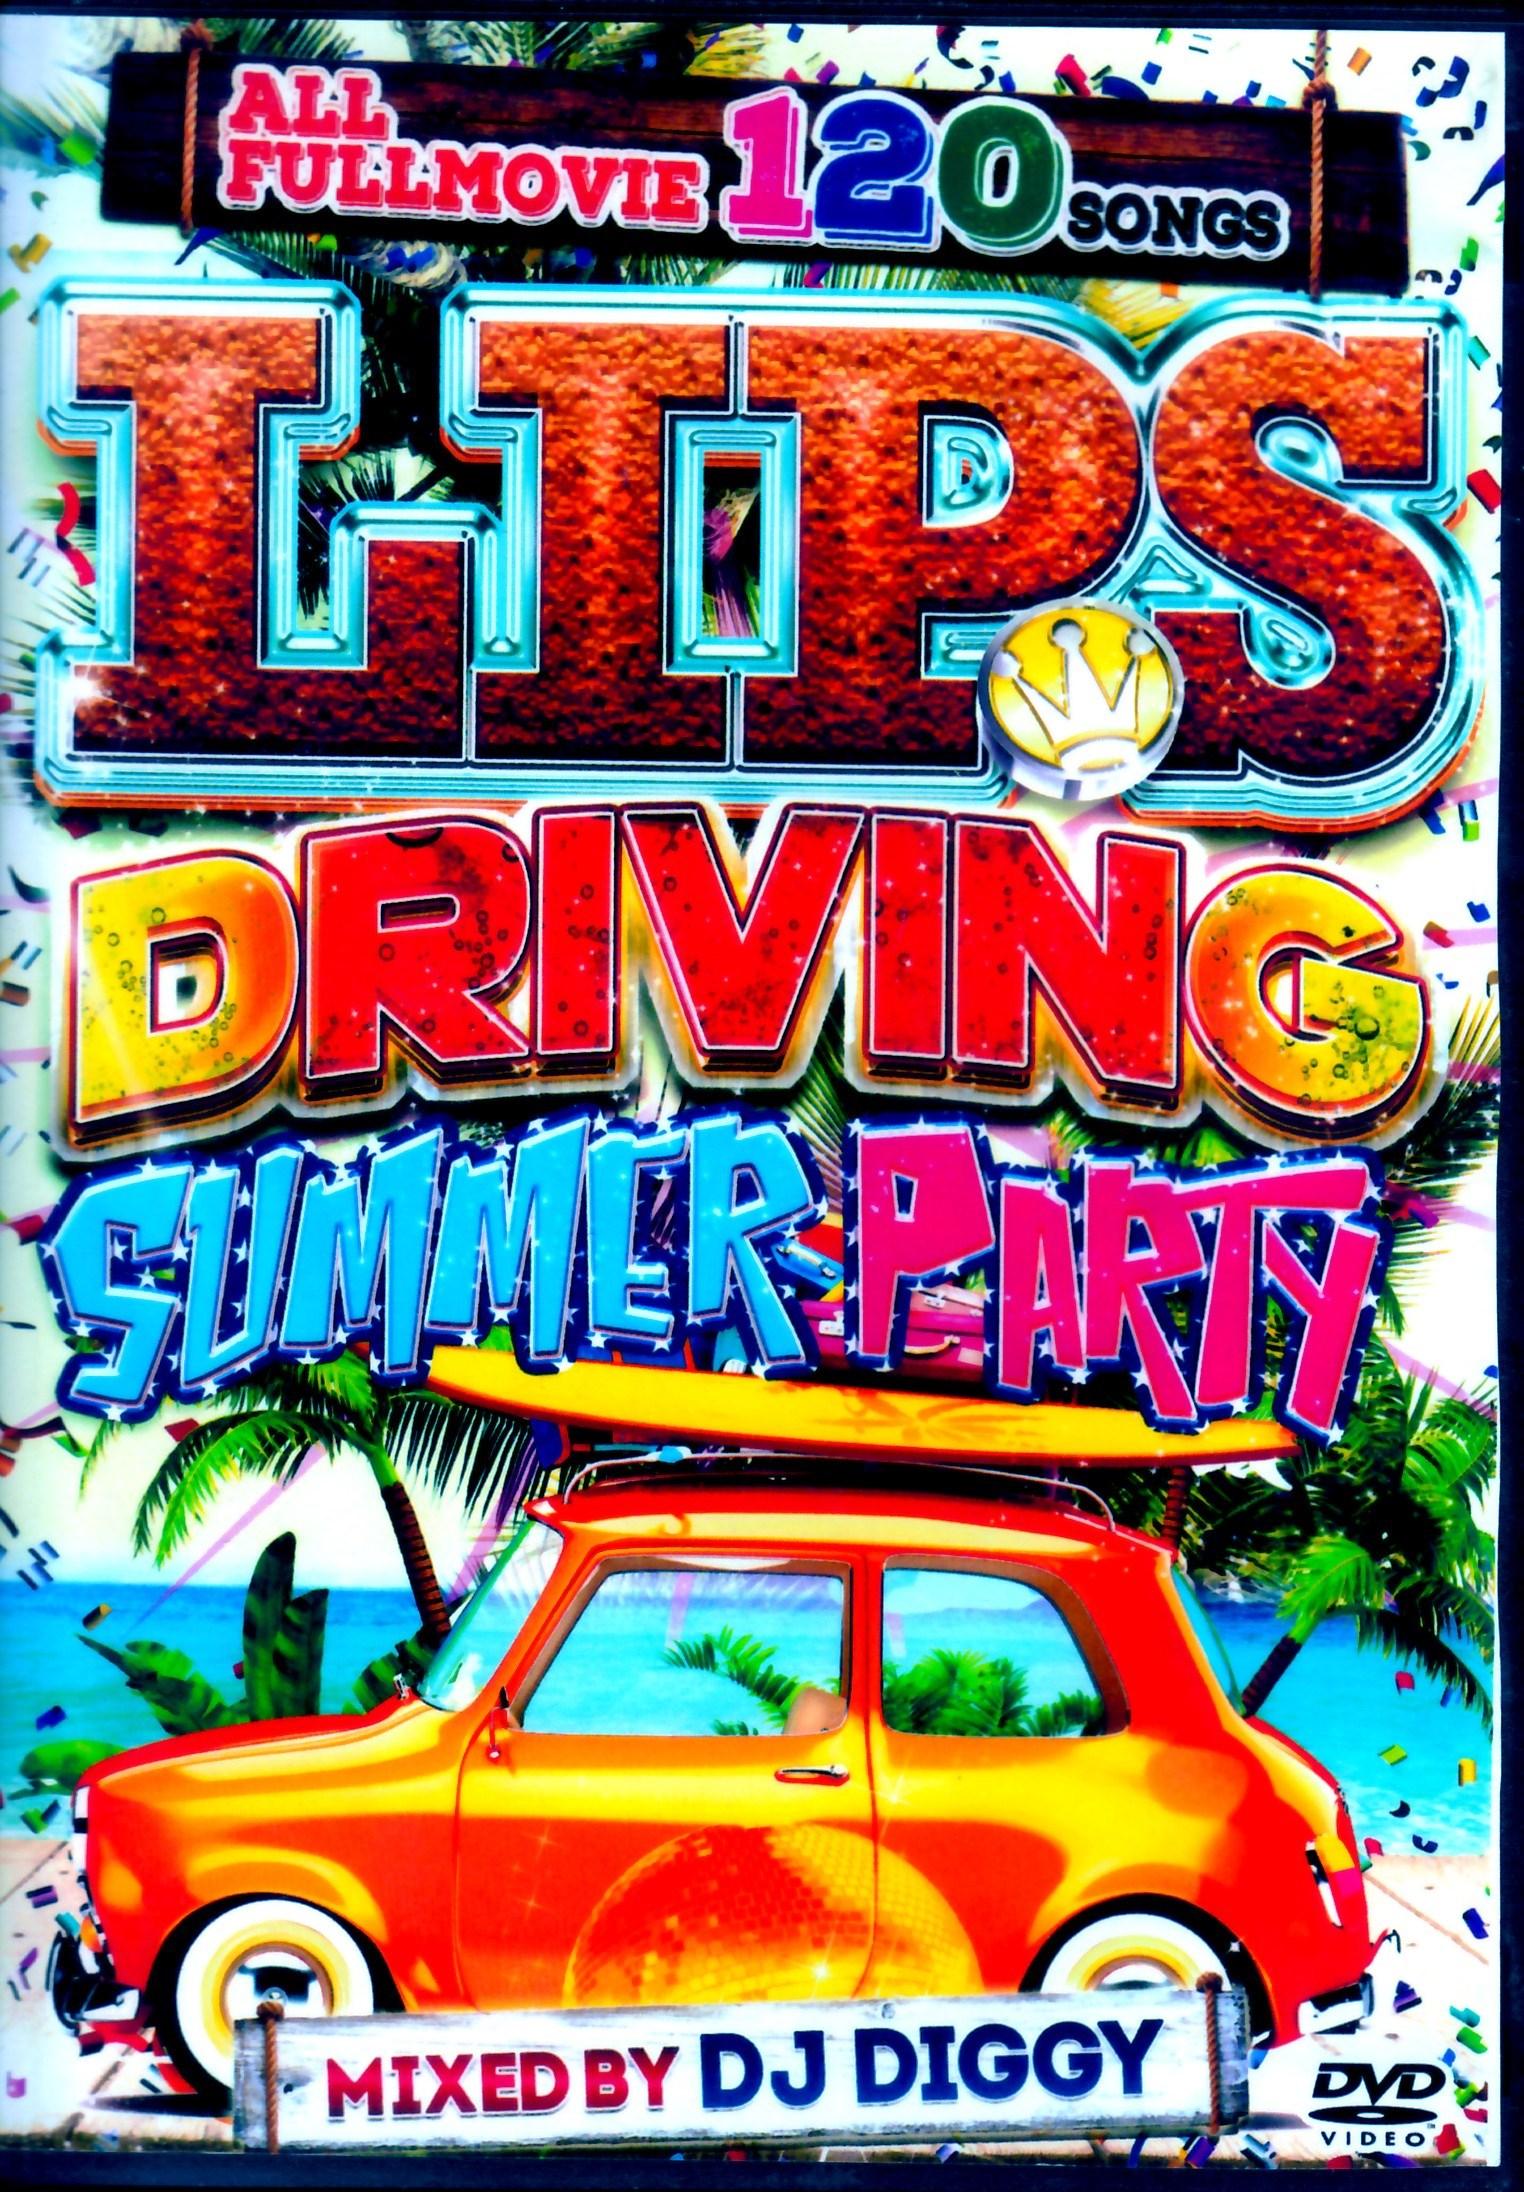 Various Artists Pitbull,Ed Sheeran,Justin Bieber,Taylor Swift/Lips Driving Summer Party